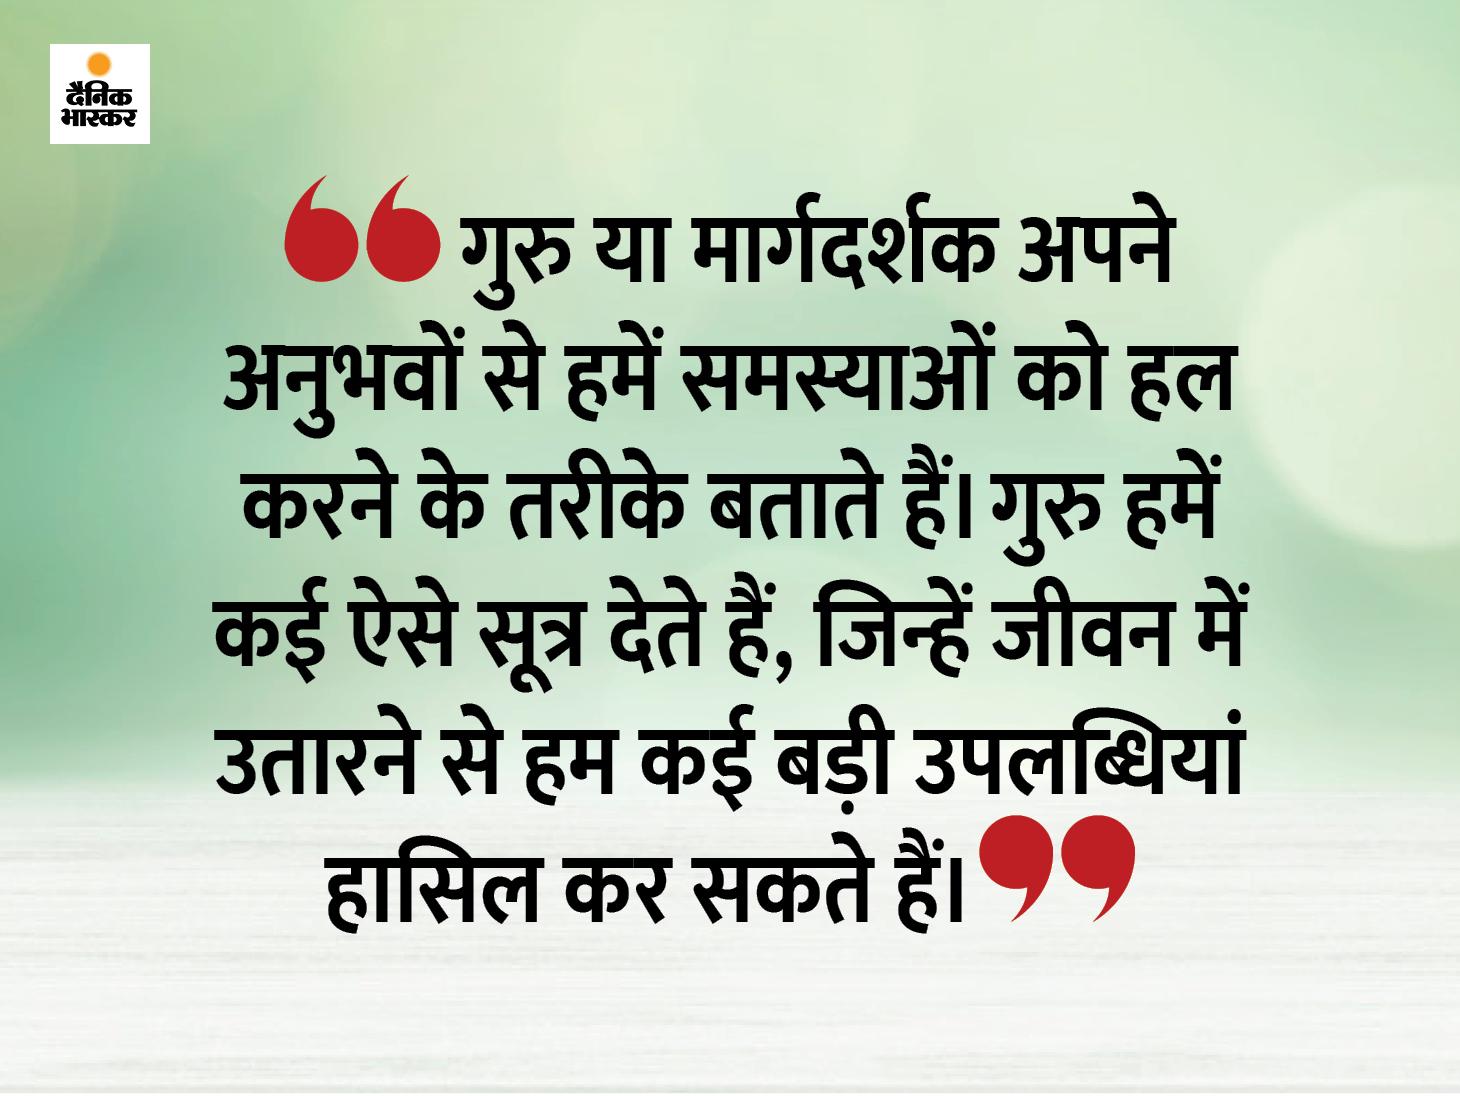 जीवन में जब भी कोई बड़ा काम करना हो तो किसी योग्य व्यक्ति को मार्गदर्शक जरूर बनाएं|धर्म,Dharm - Dainik Bhaskar